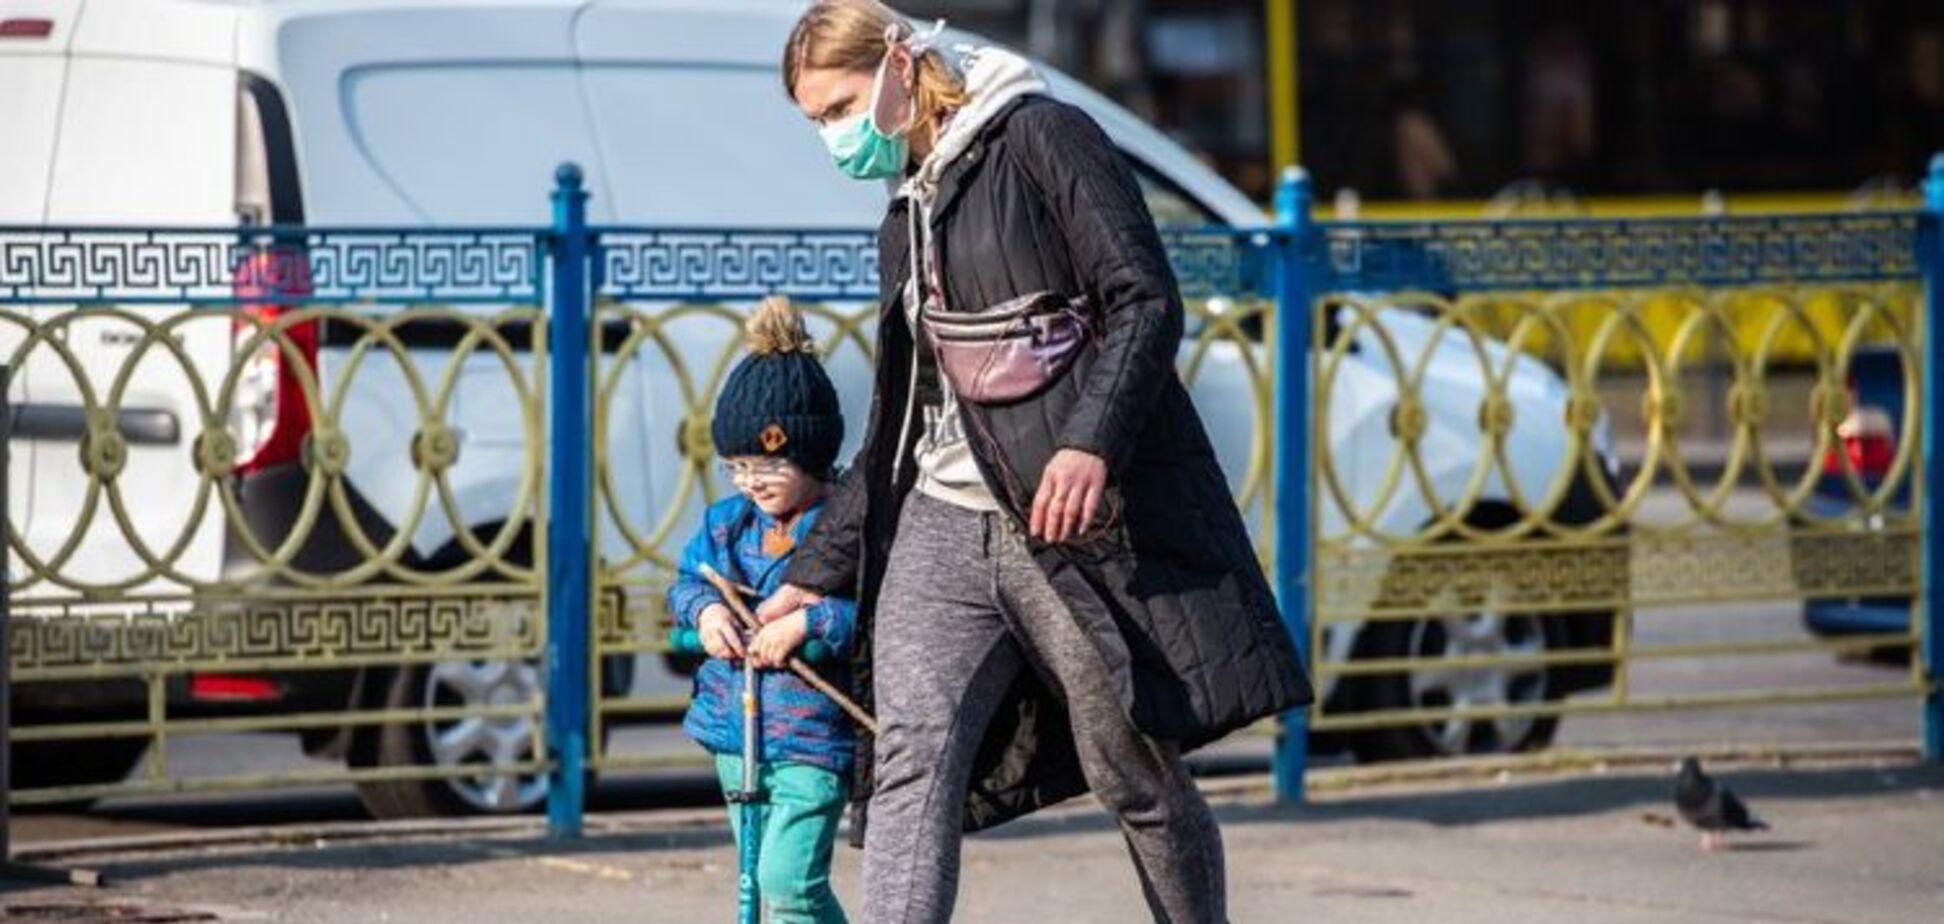 Кількість заражених коронавірусом в Україні в сотні разів більша: колишній санлікар розкрив таємницю